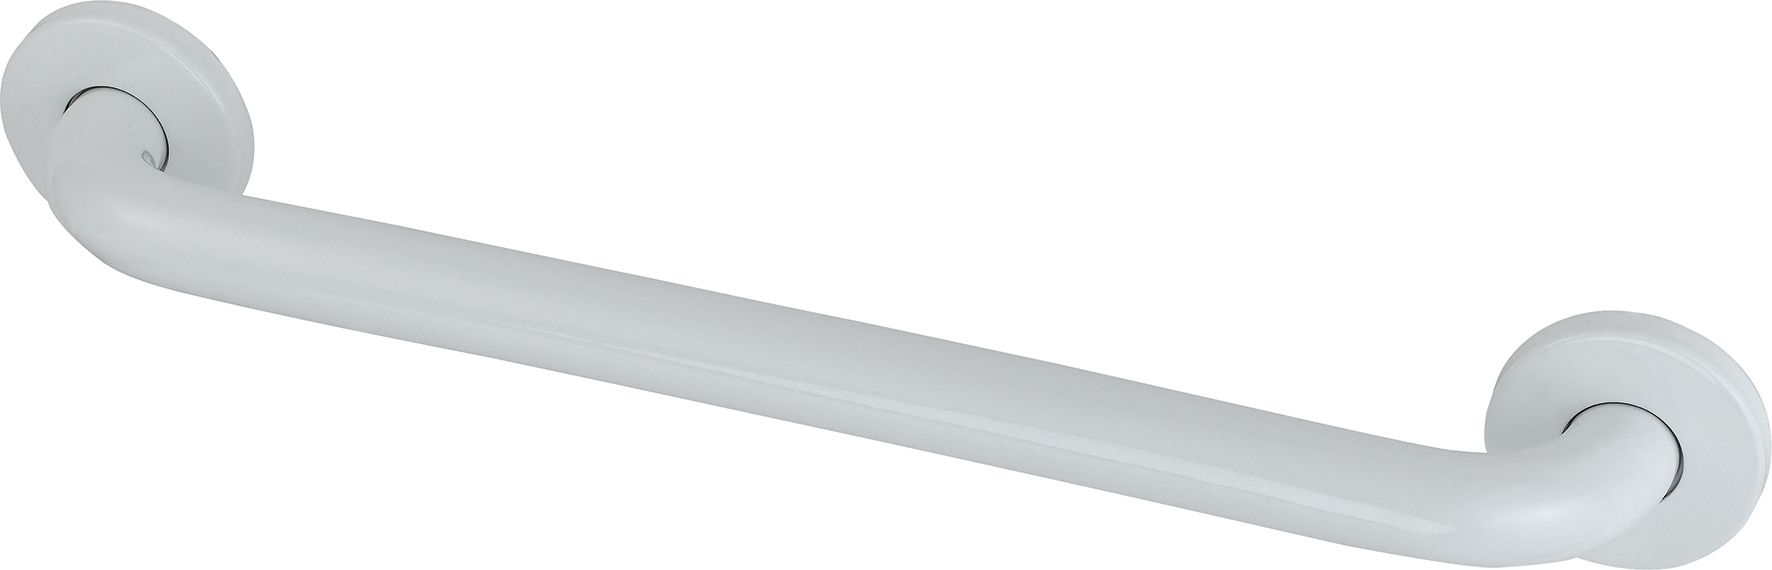 Tugikäepide Careosan 45 cm